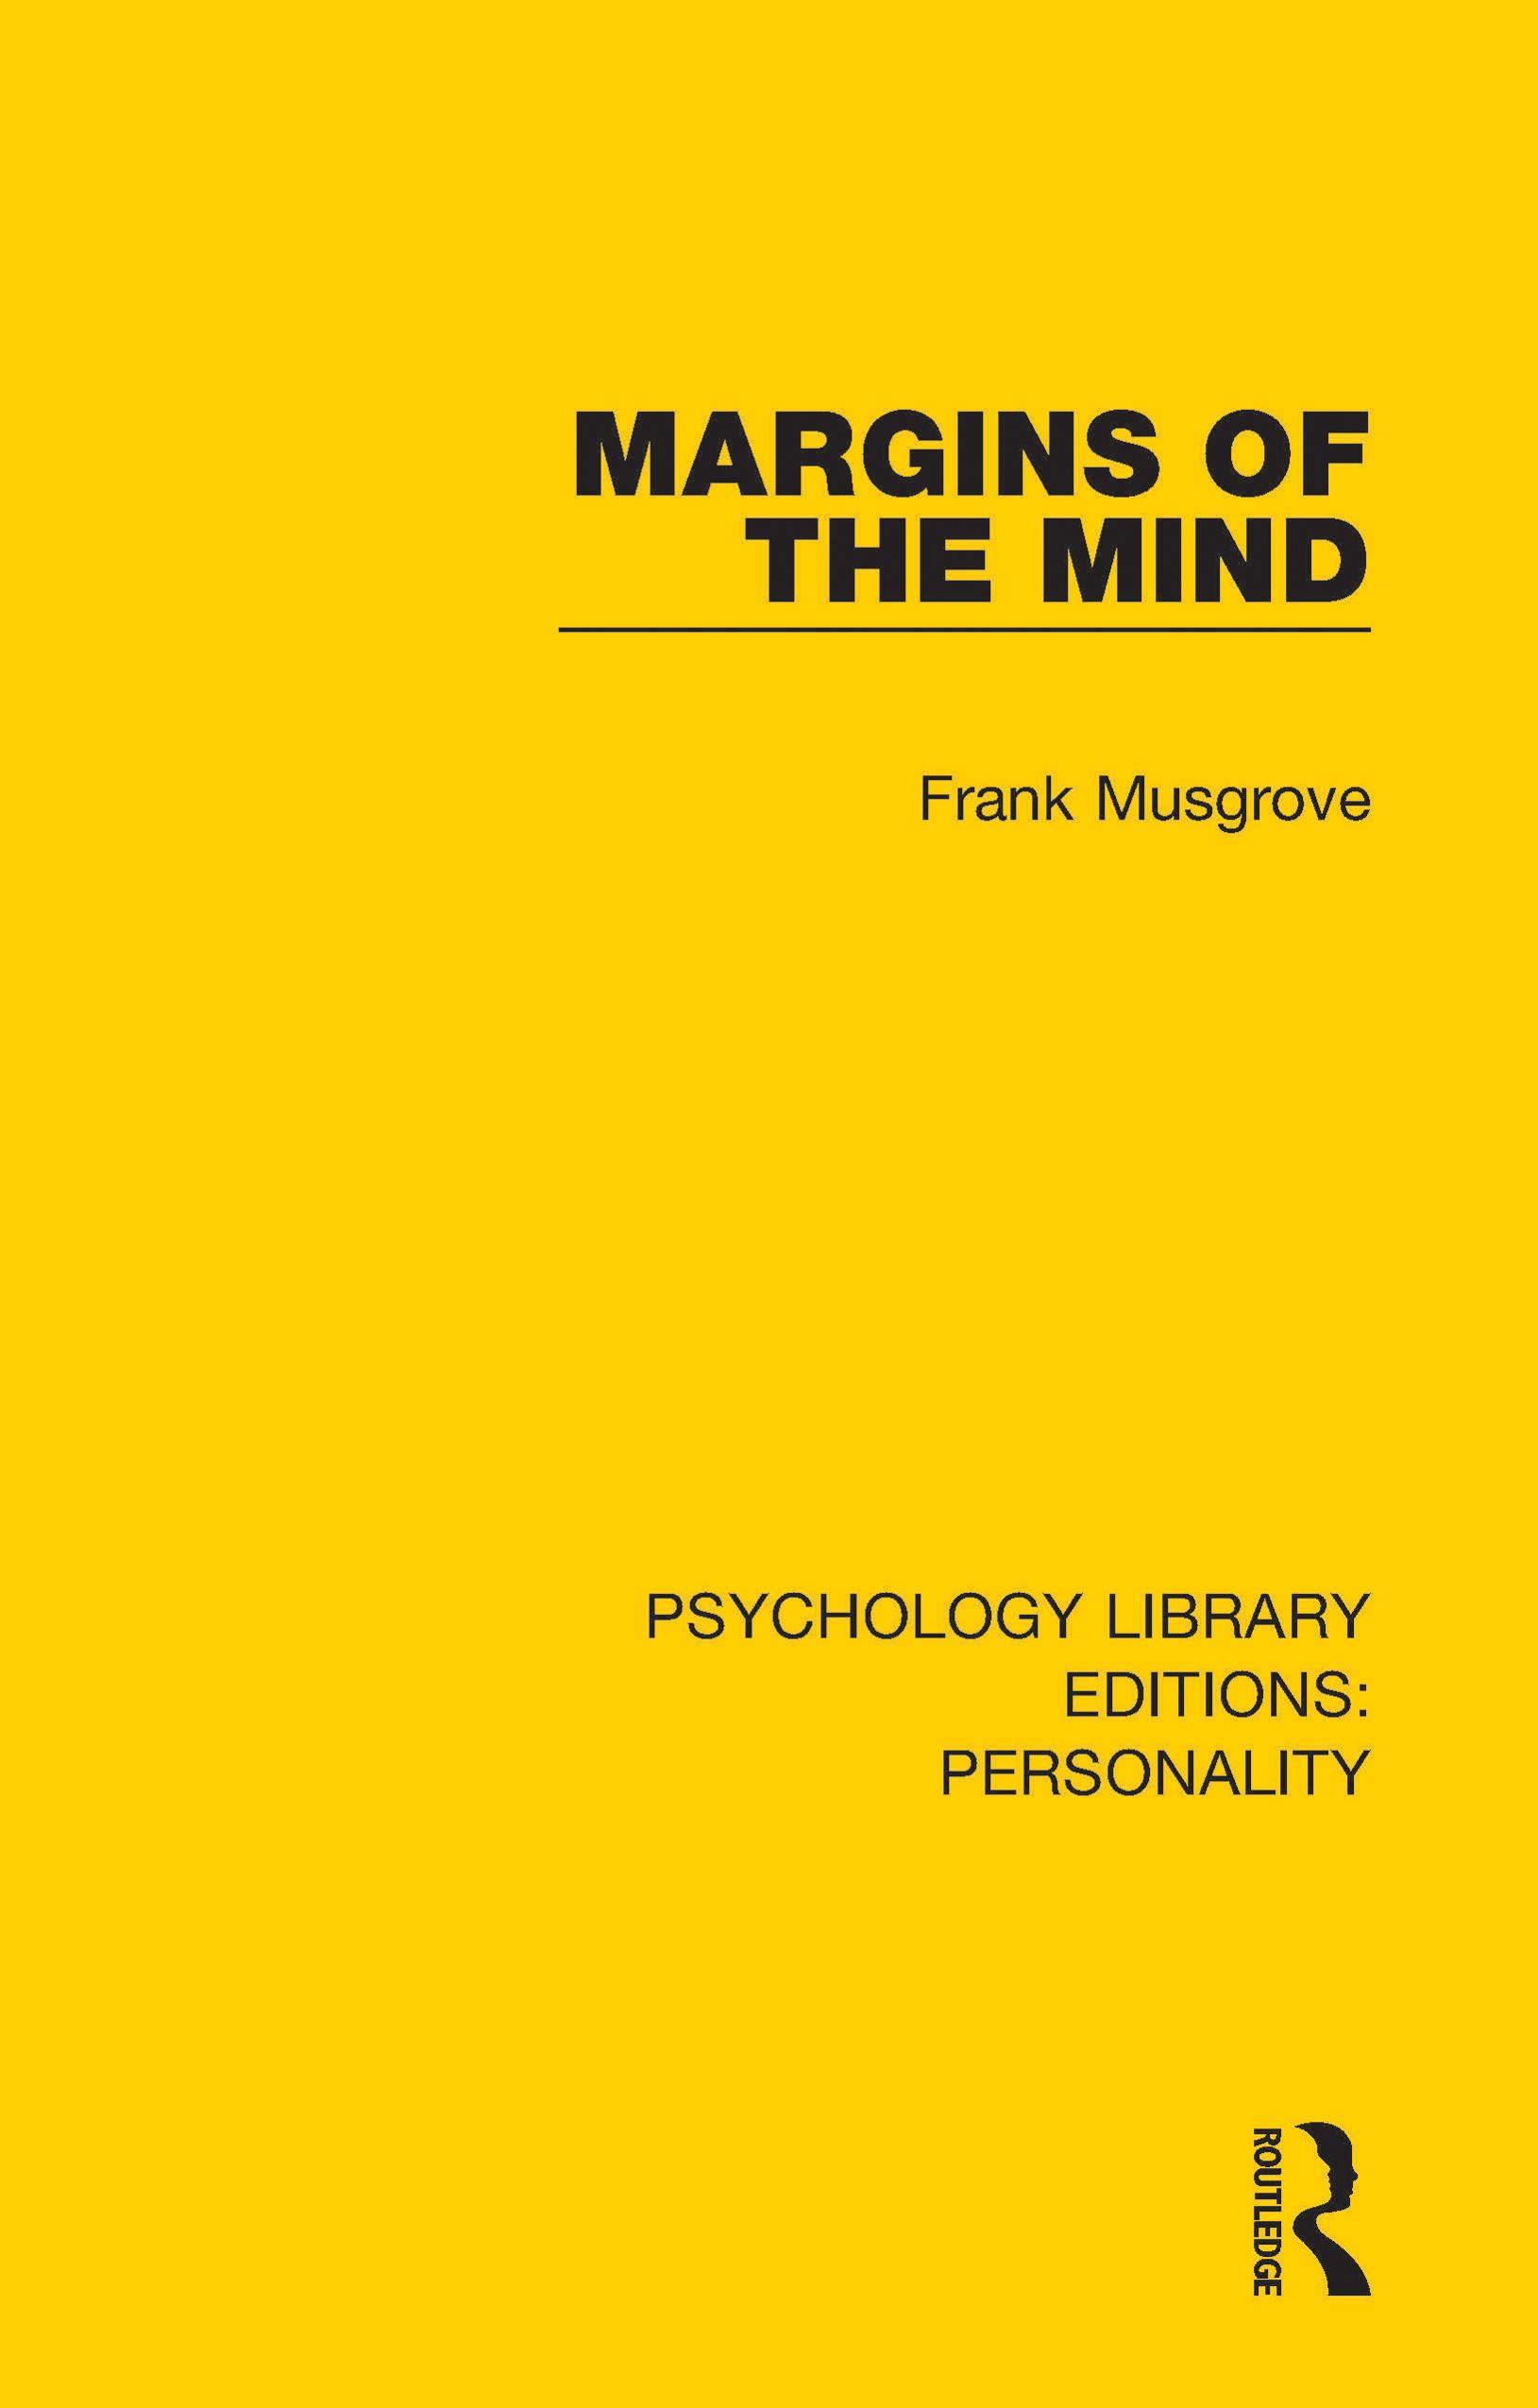 Margins of the Mind